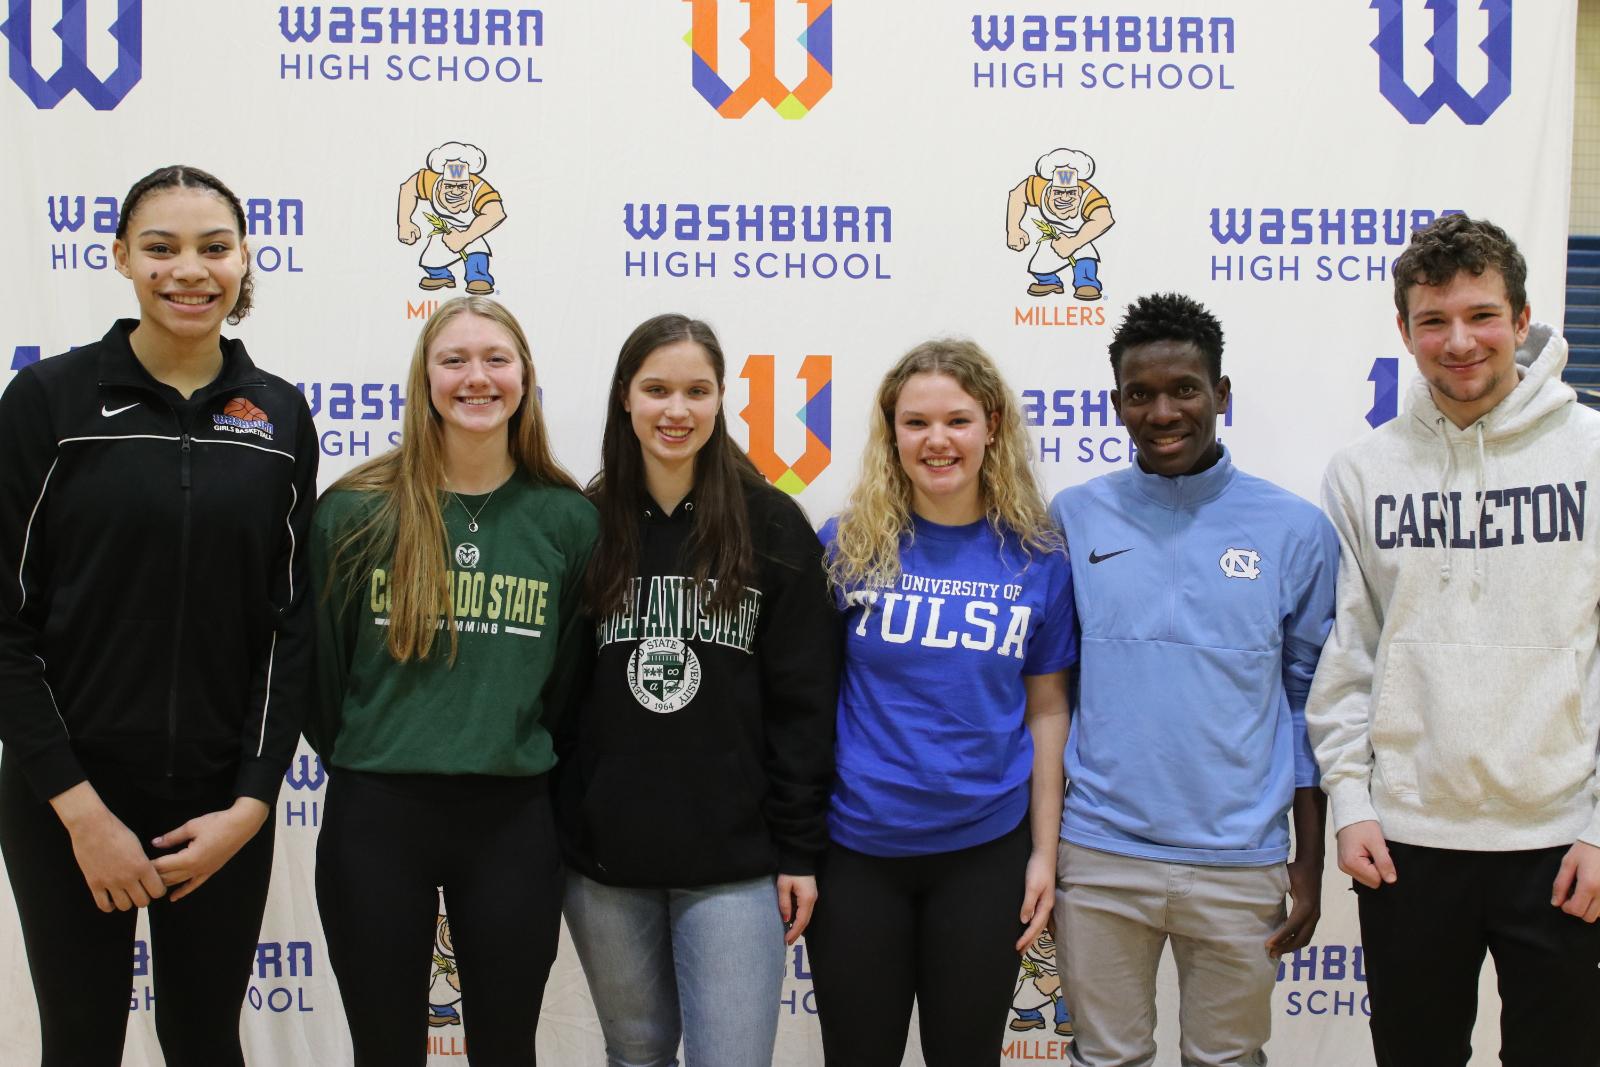 Washburn Student-Athletes Sign